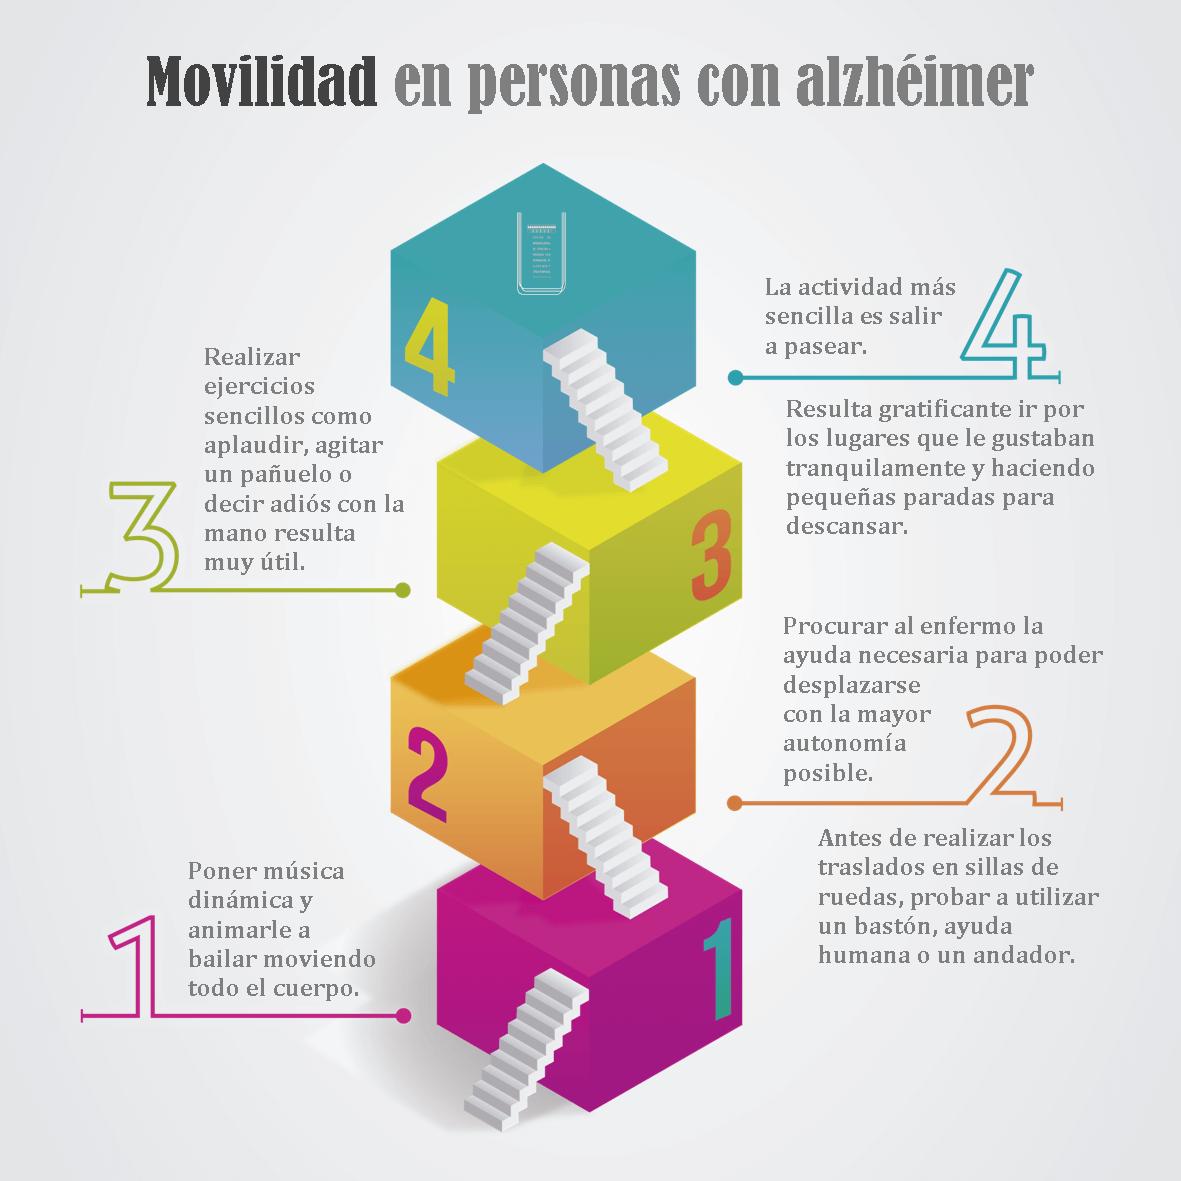 Consejos para cuidadores: Movilidad en personas con alzhéimer – #Infografia #Alzheimer #Demencias